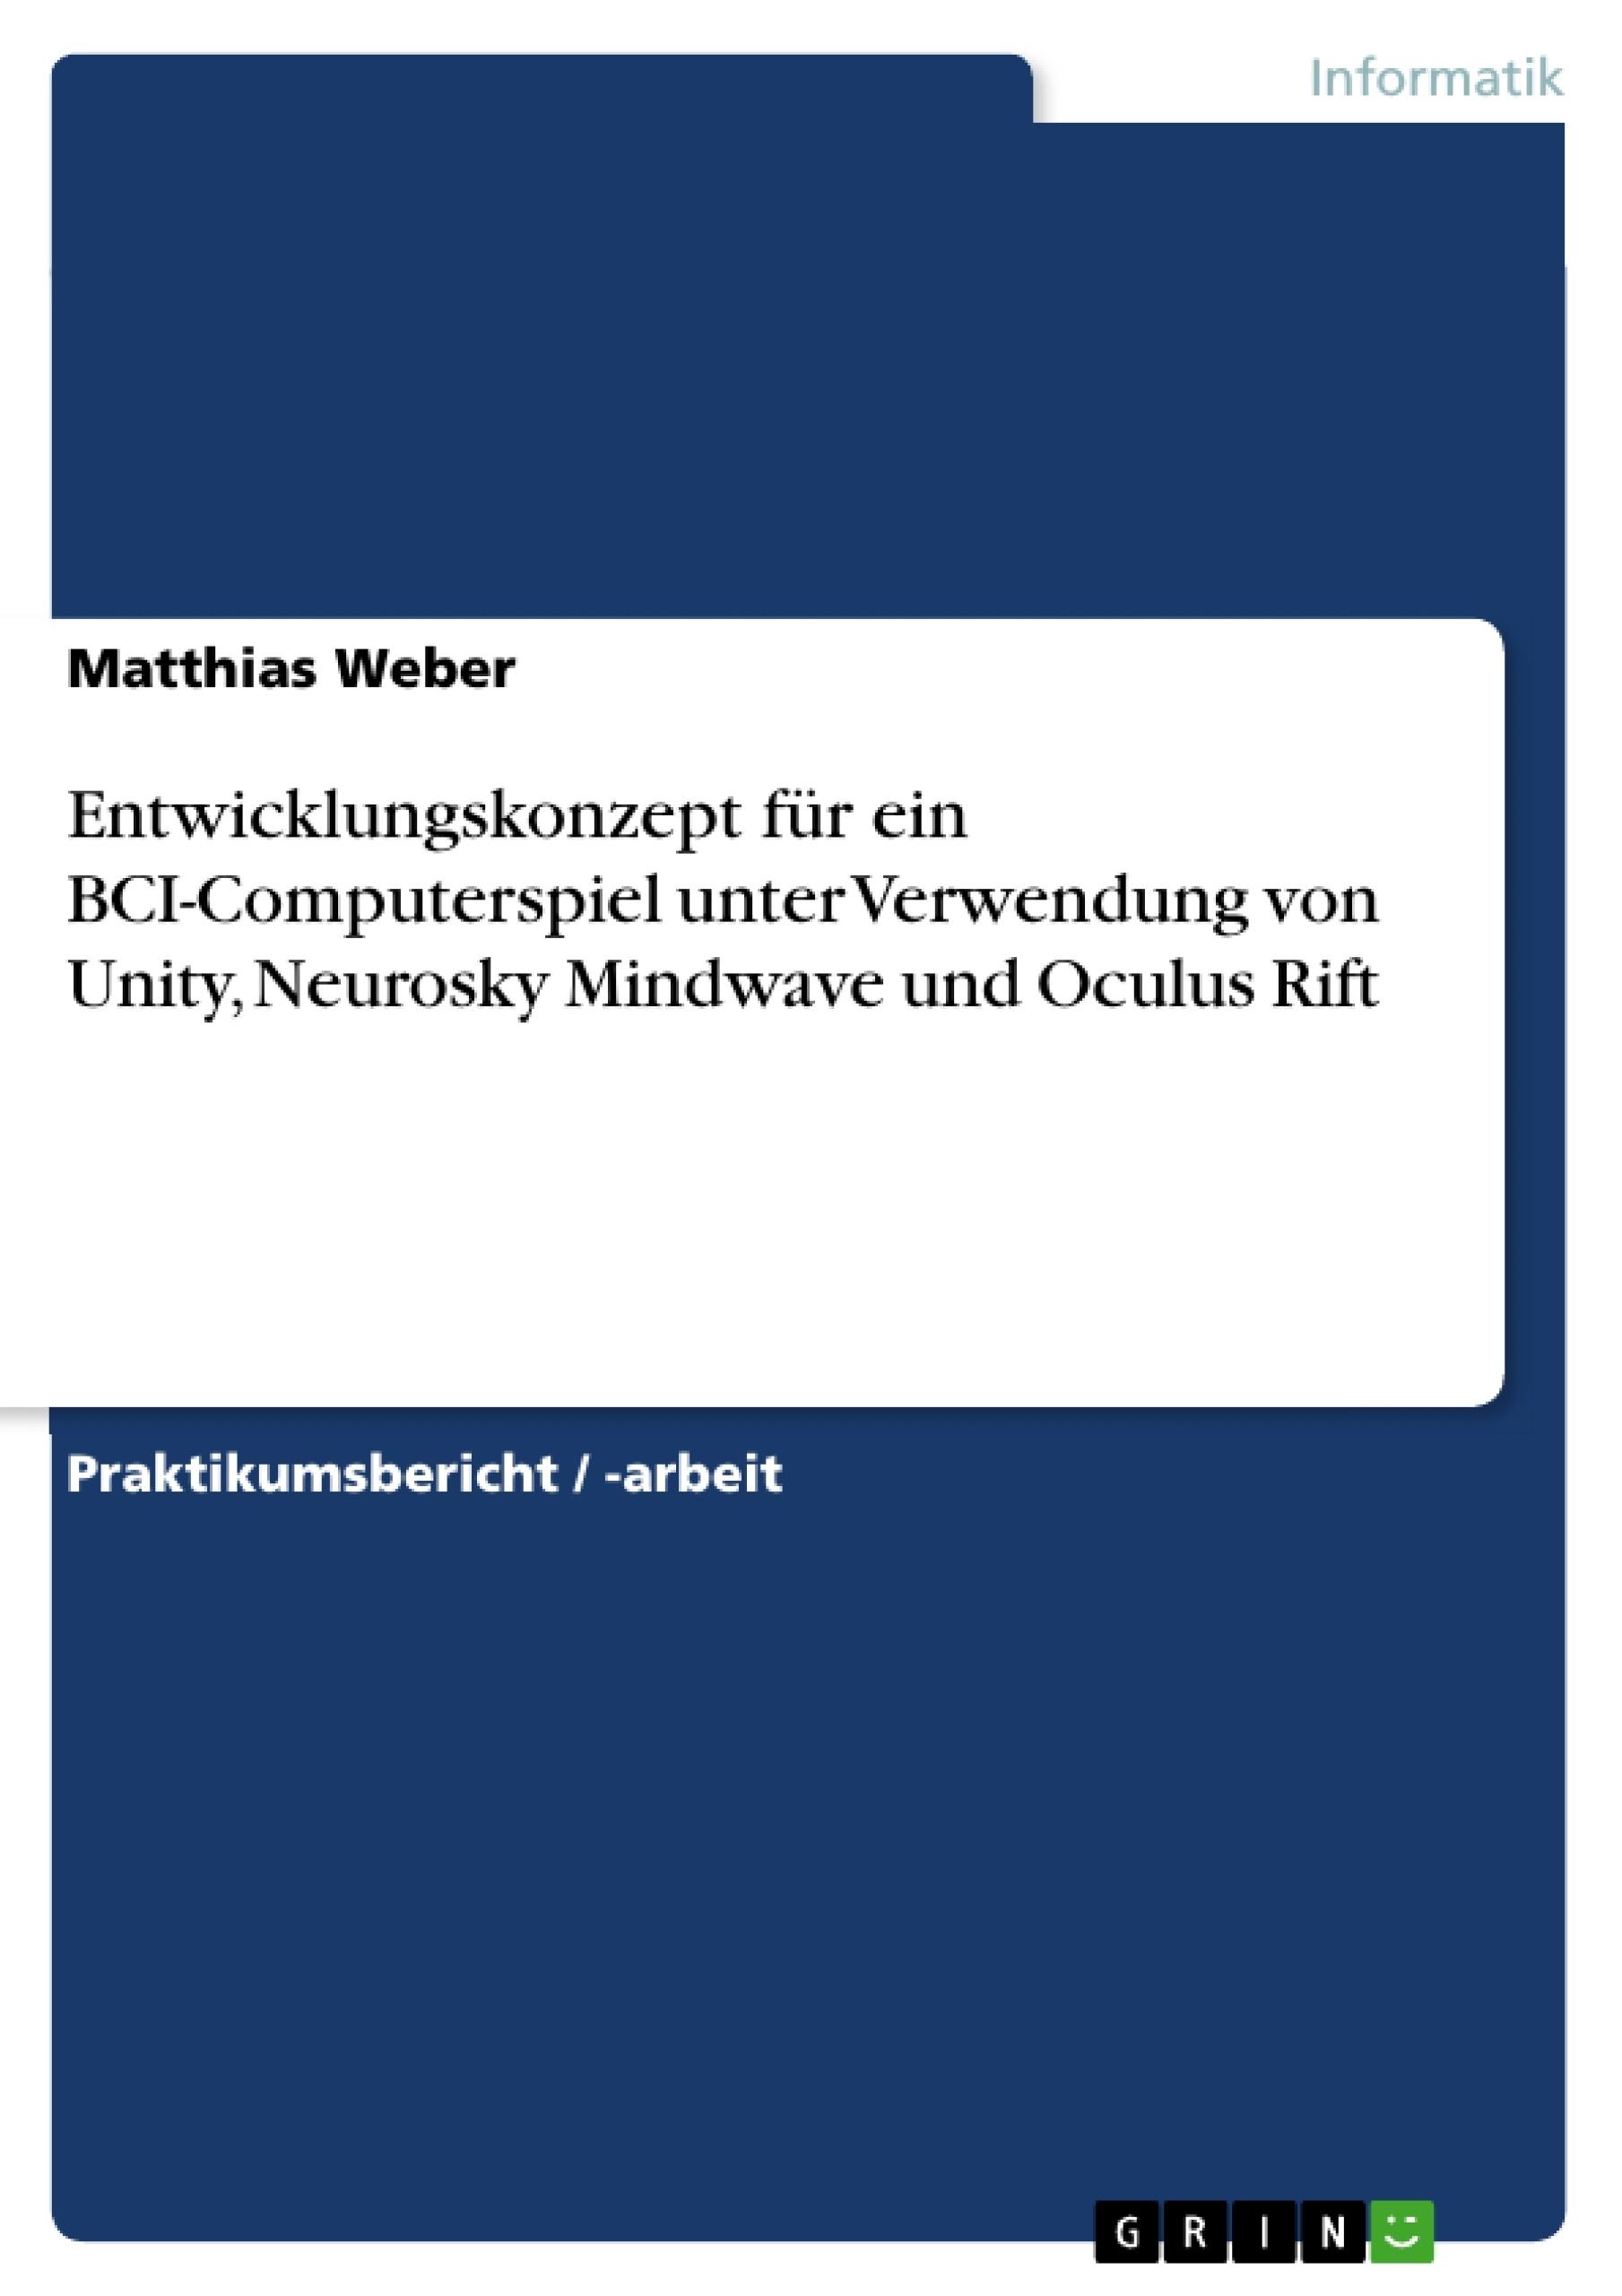 Titel: Entwicklungskonzept für ein BCI-Computerspiel unter Verwendung von Unity, Neurosky Mindwave und Oculus Rift